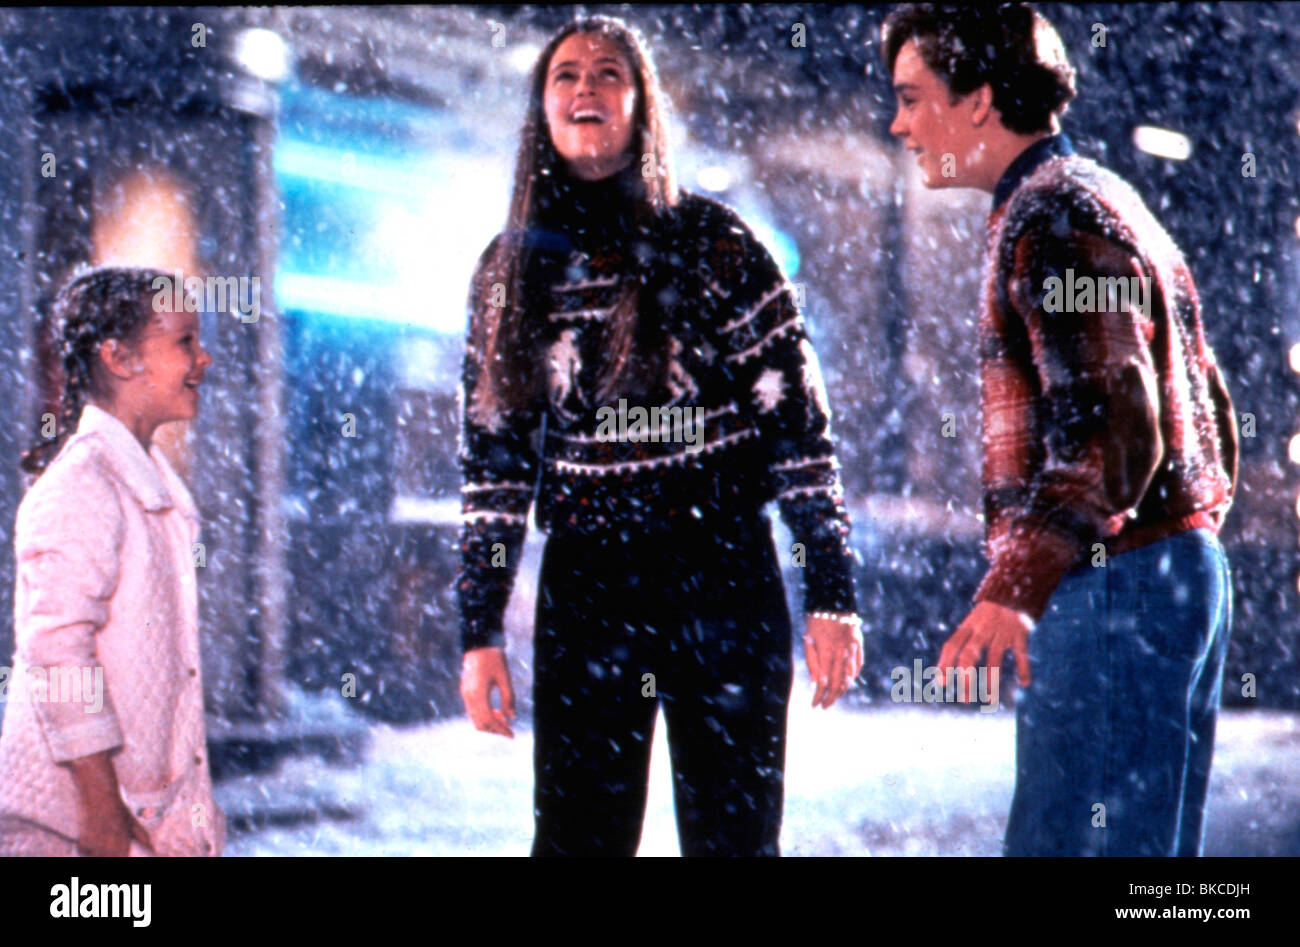 all i want for christmas 1991 thora birch elizabeth cherney ethan embry - All I Want For Christmas 1991